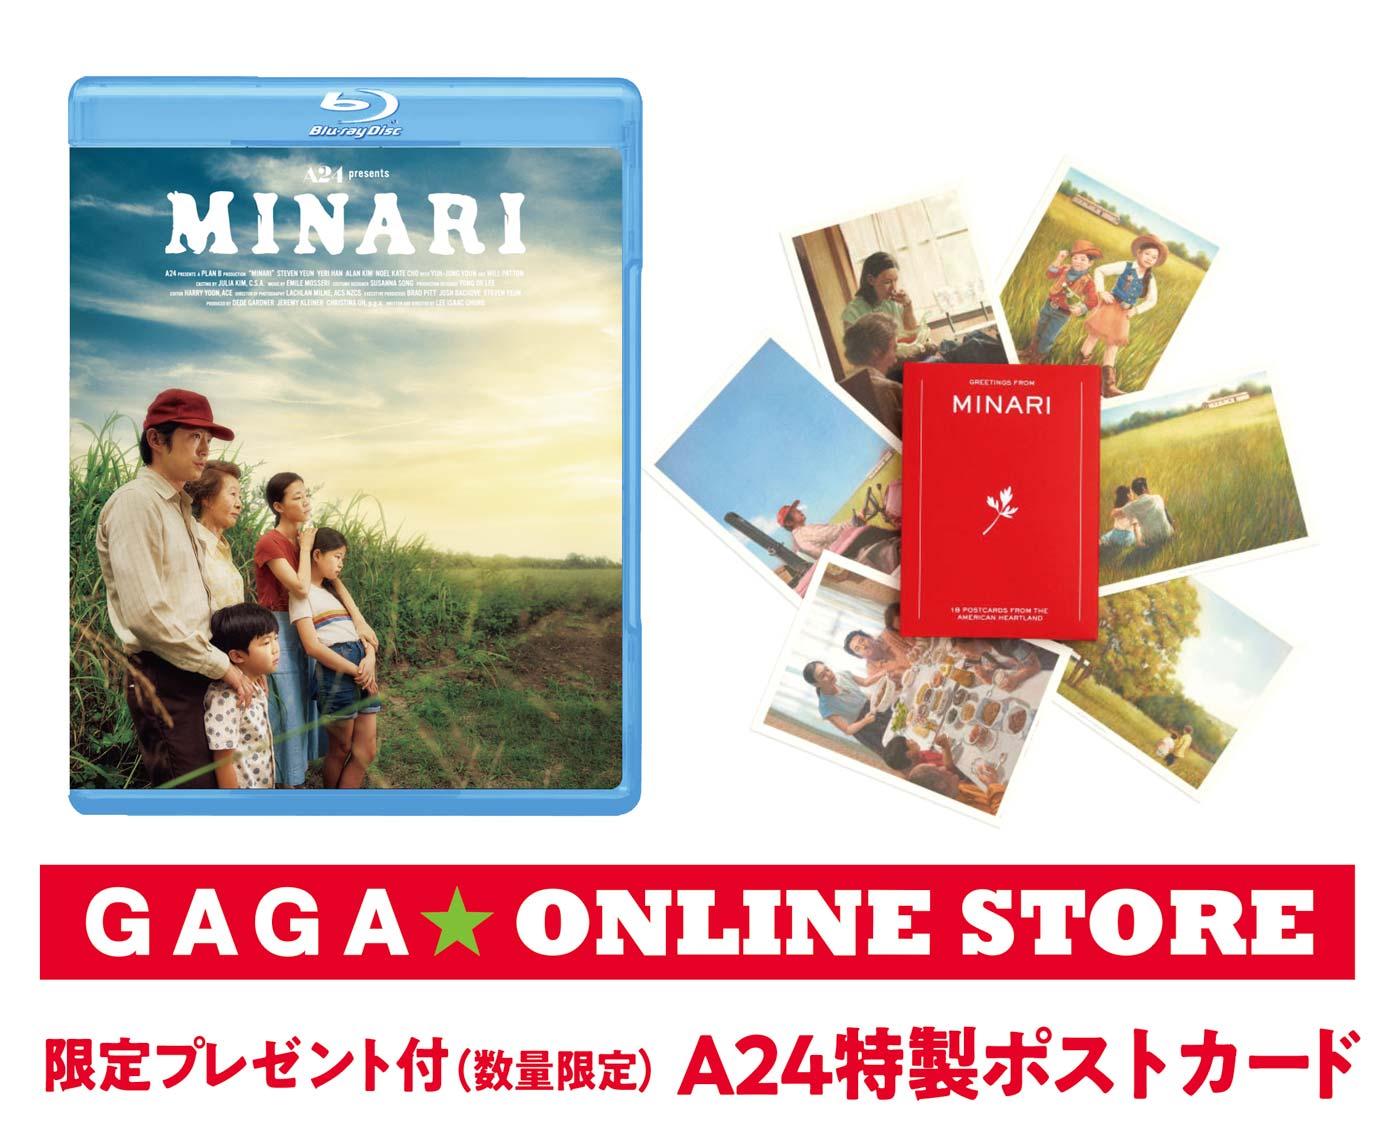 「ミナリ」Blu-ray GAGA★ONLINE STORE限定プレゼント付(数量限定)